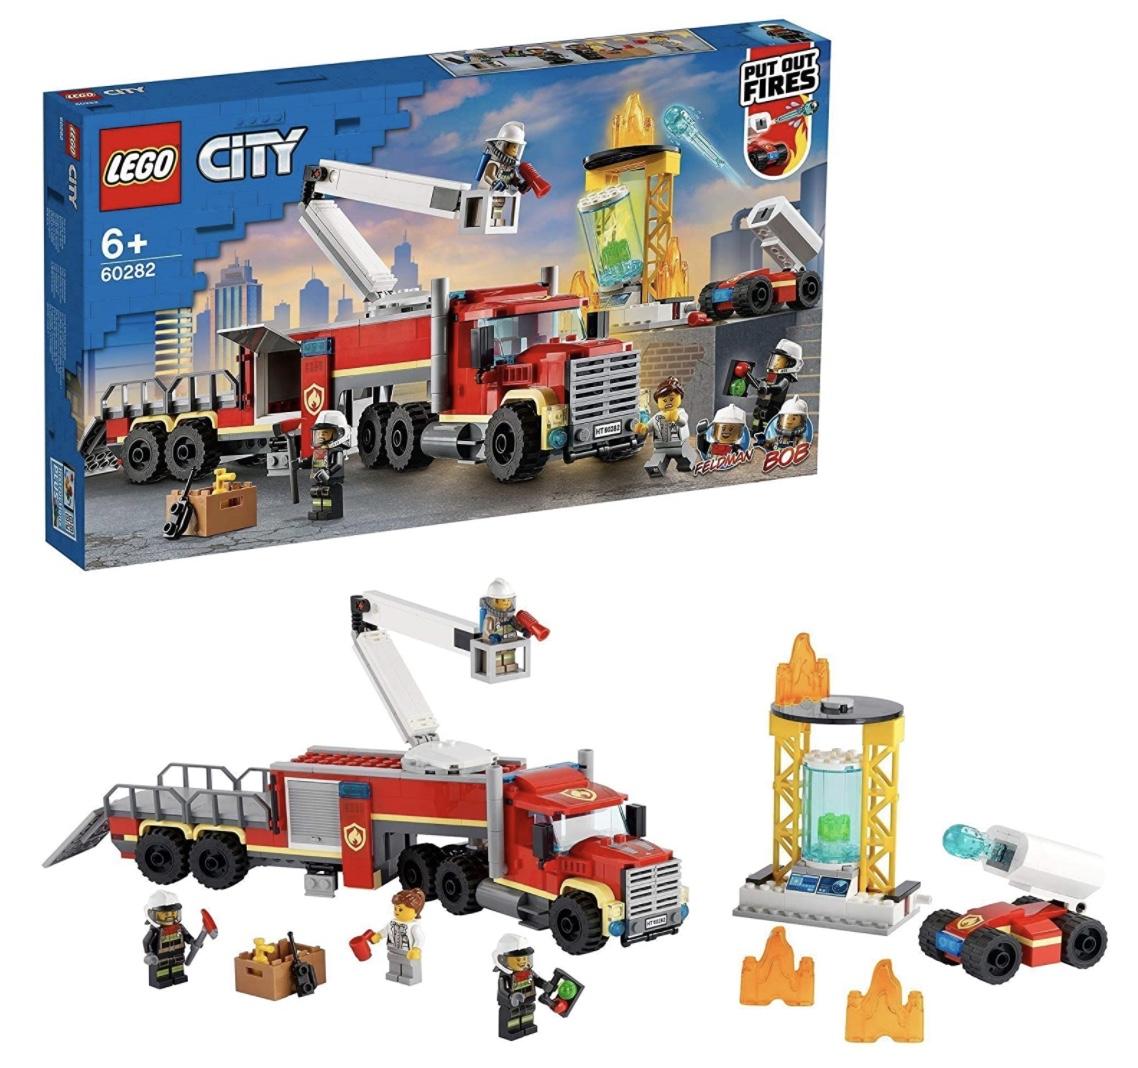 Code promo Amazon : 1 boite de LEGO achetée = la 2ème à -50% sur une sélection